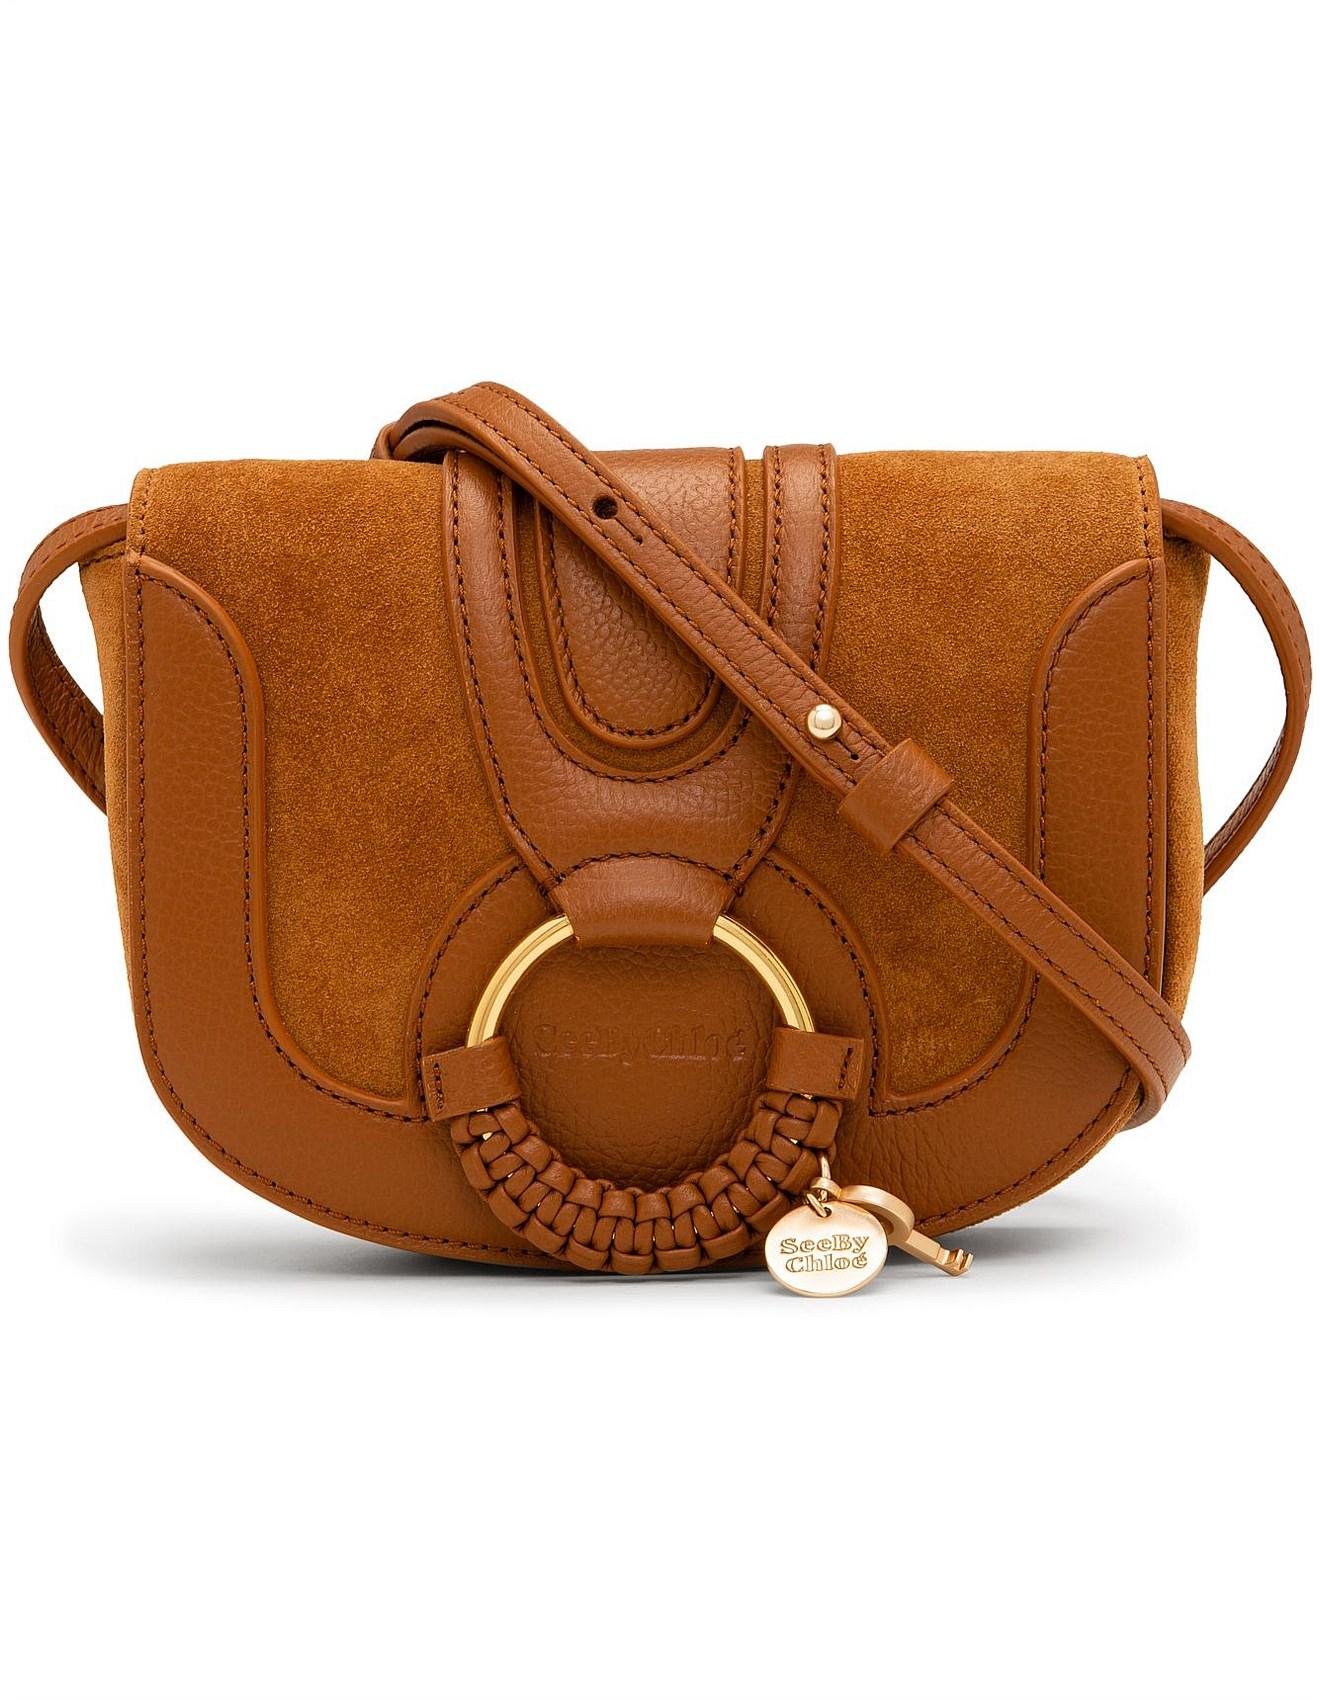 eb7908f30de0 Designer Handbags For Women